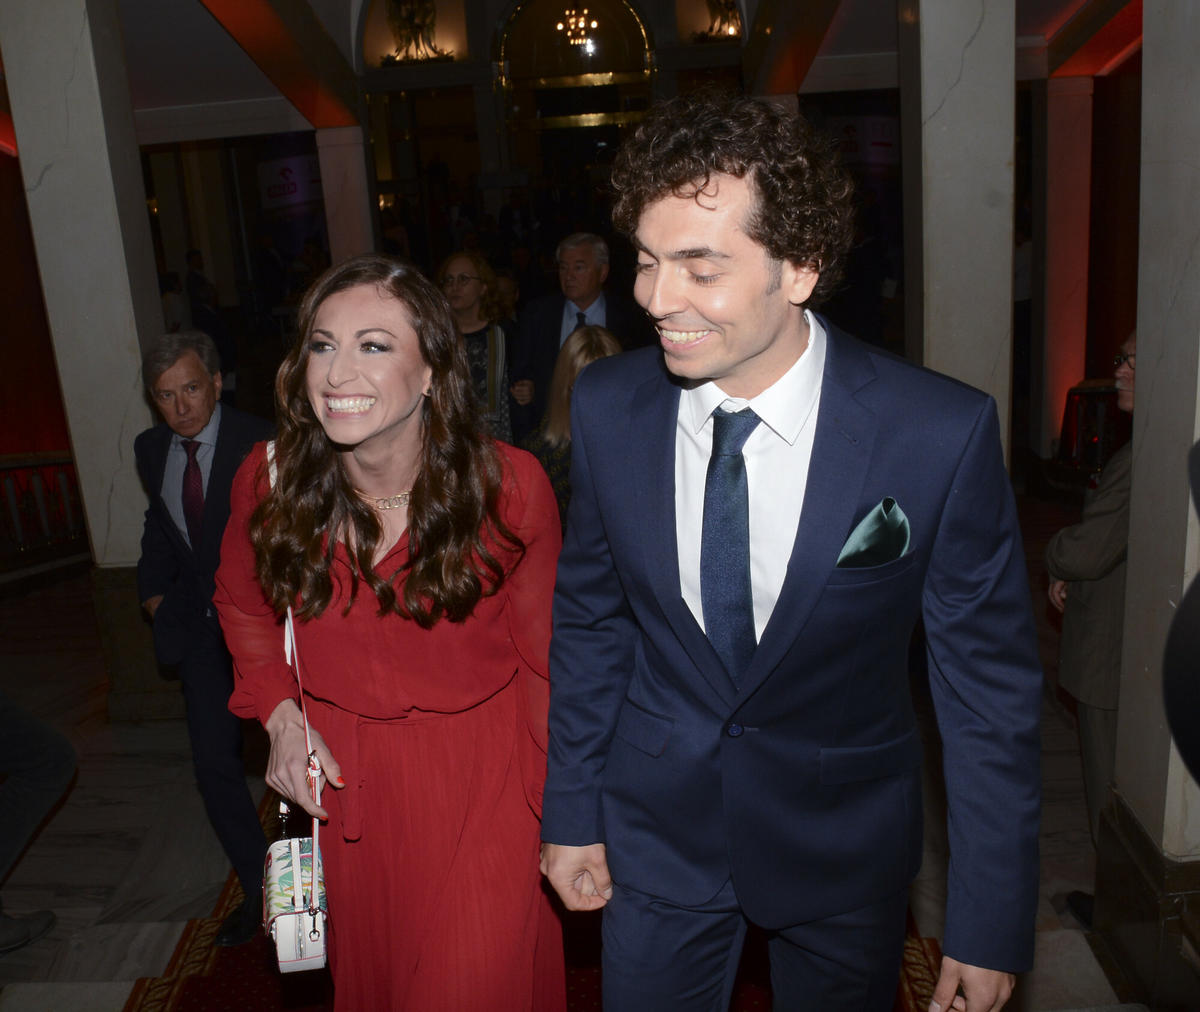 Radosna Justyna Kowalczyk w czerwonej sukience